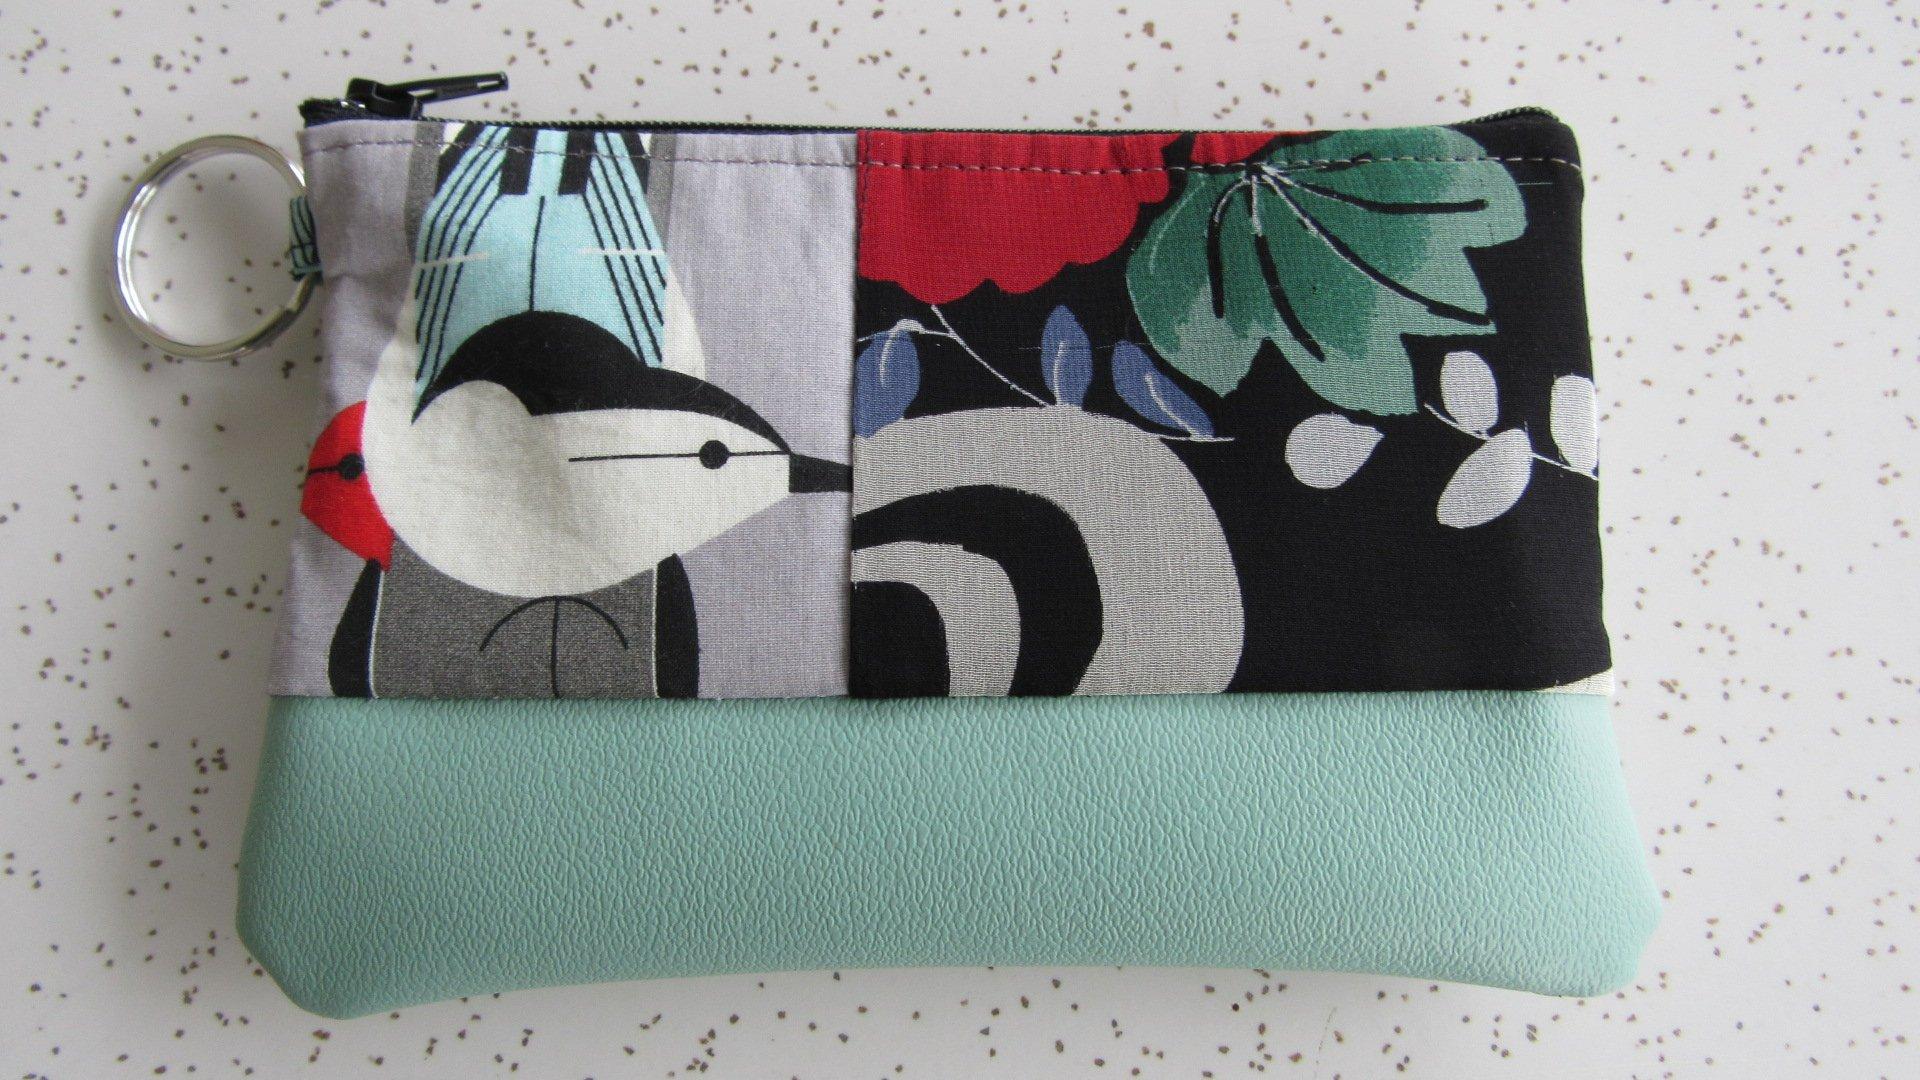 Wallet - Charley Harper Key Ring Wallet in Sea Foam Vegan Leather